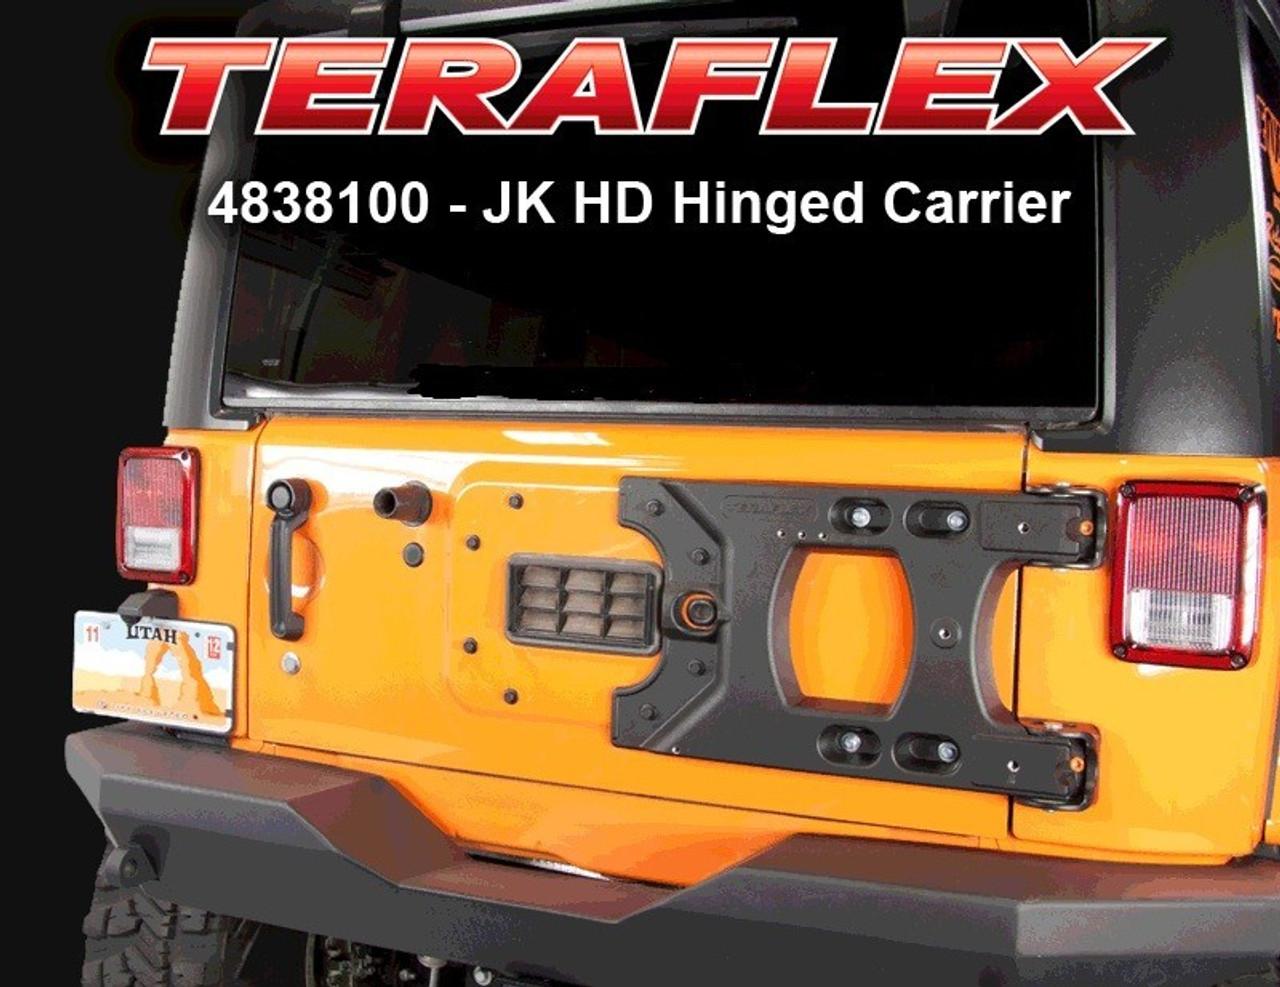 TeraFlex 4838100 HD Hinged Tire Carrier for JK